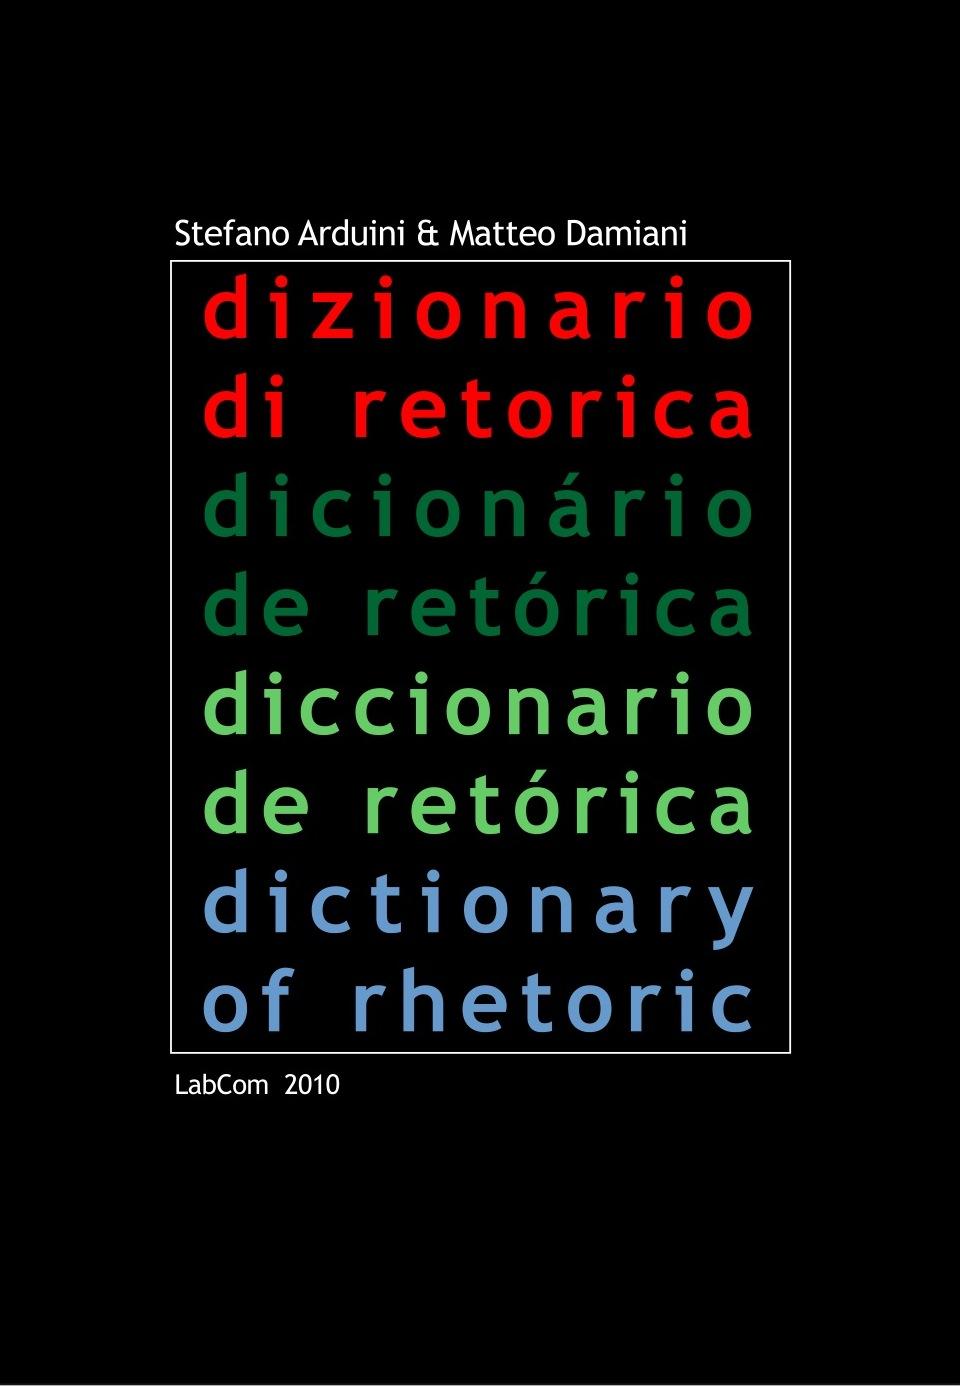 Dizionario di retorica